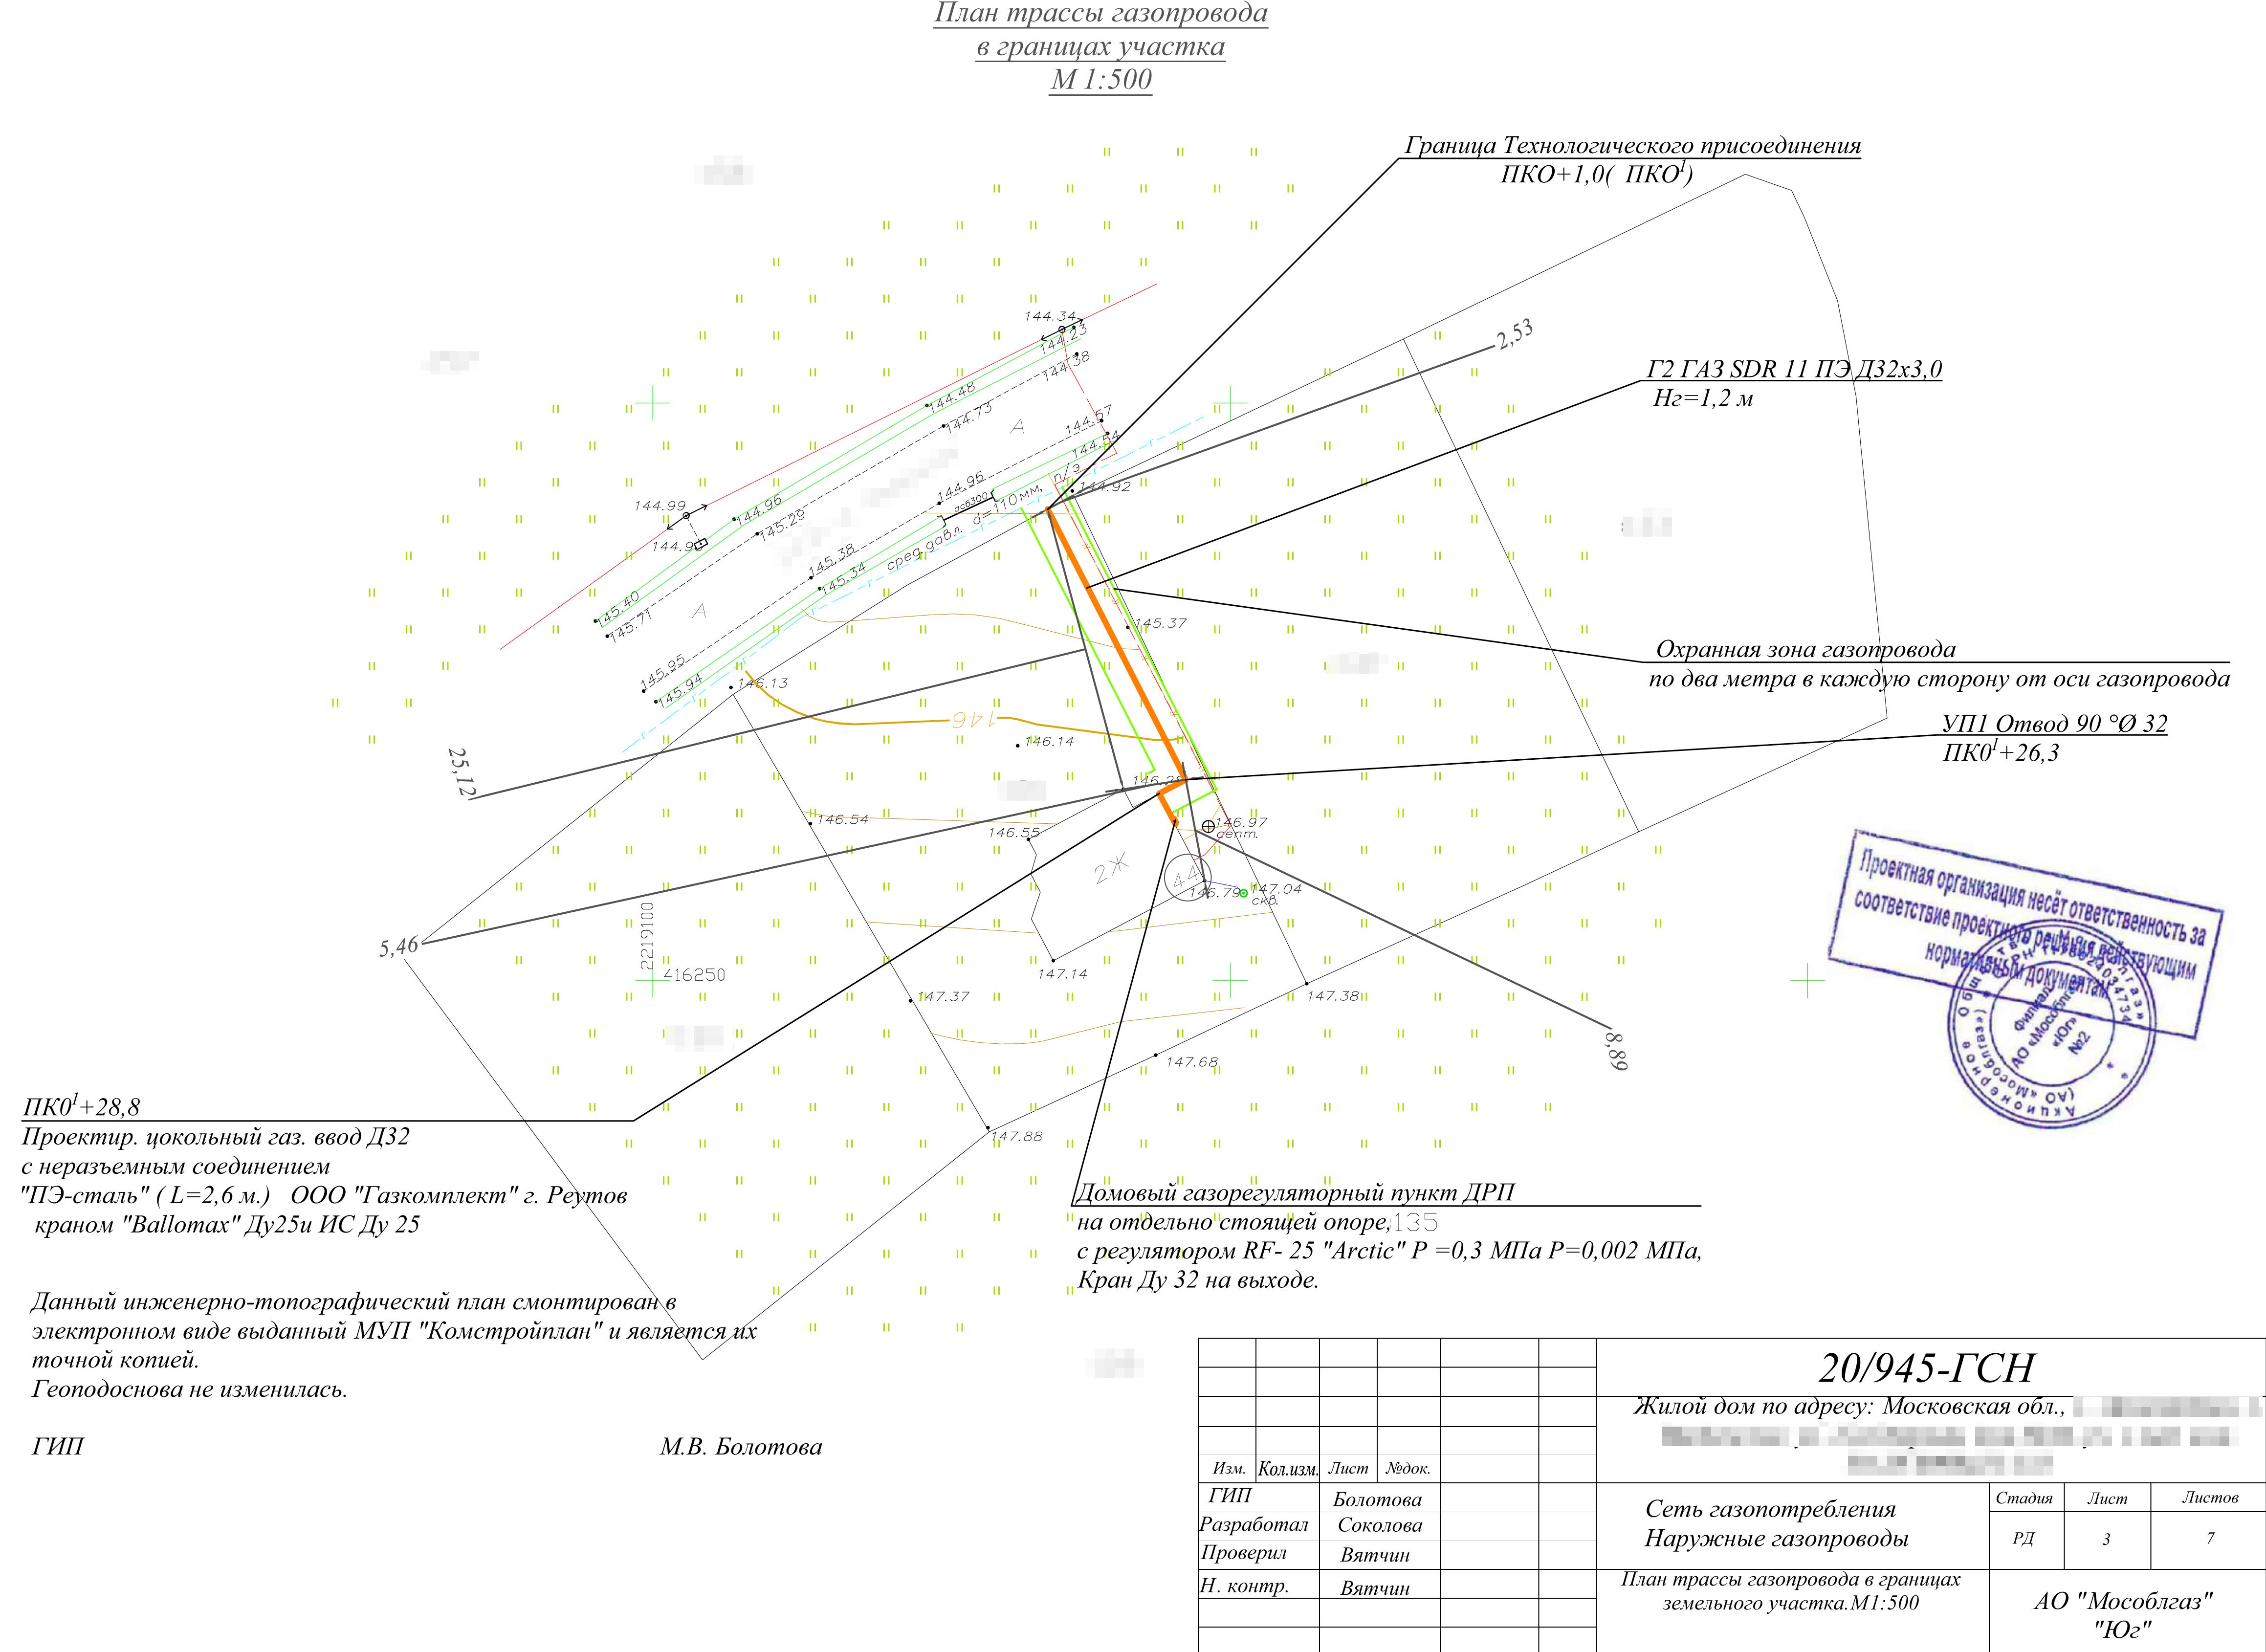 Таквыглядит проект монтажных работ на участке. Красная линия — проектируемый газопровод, салатовые — граница охранной зоны